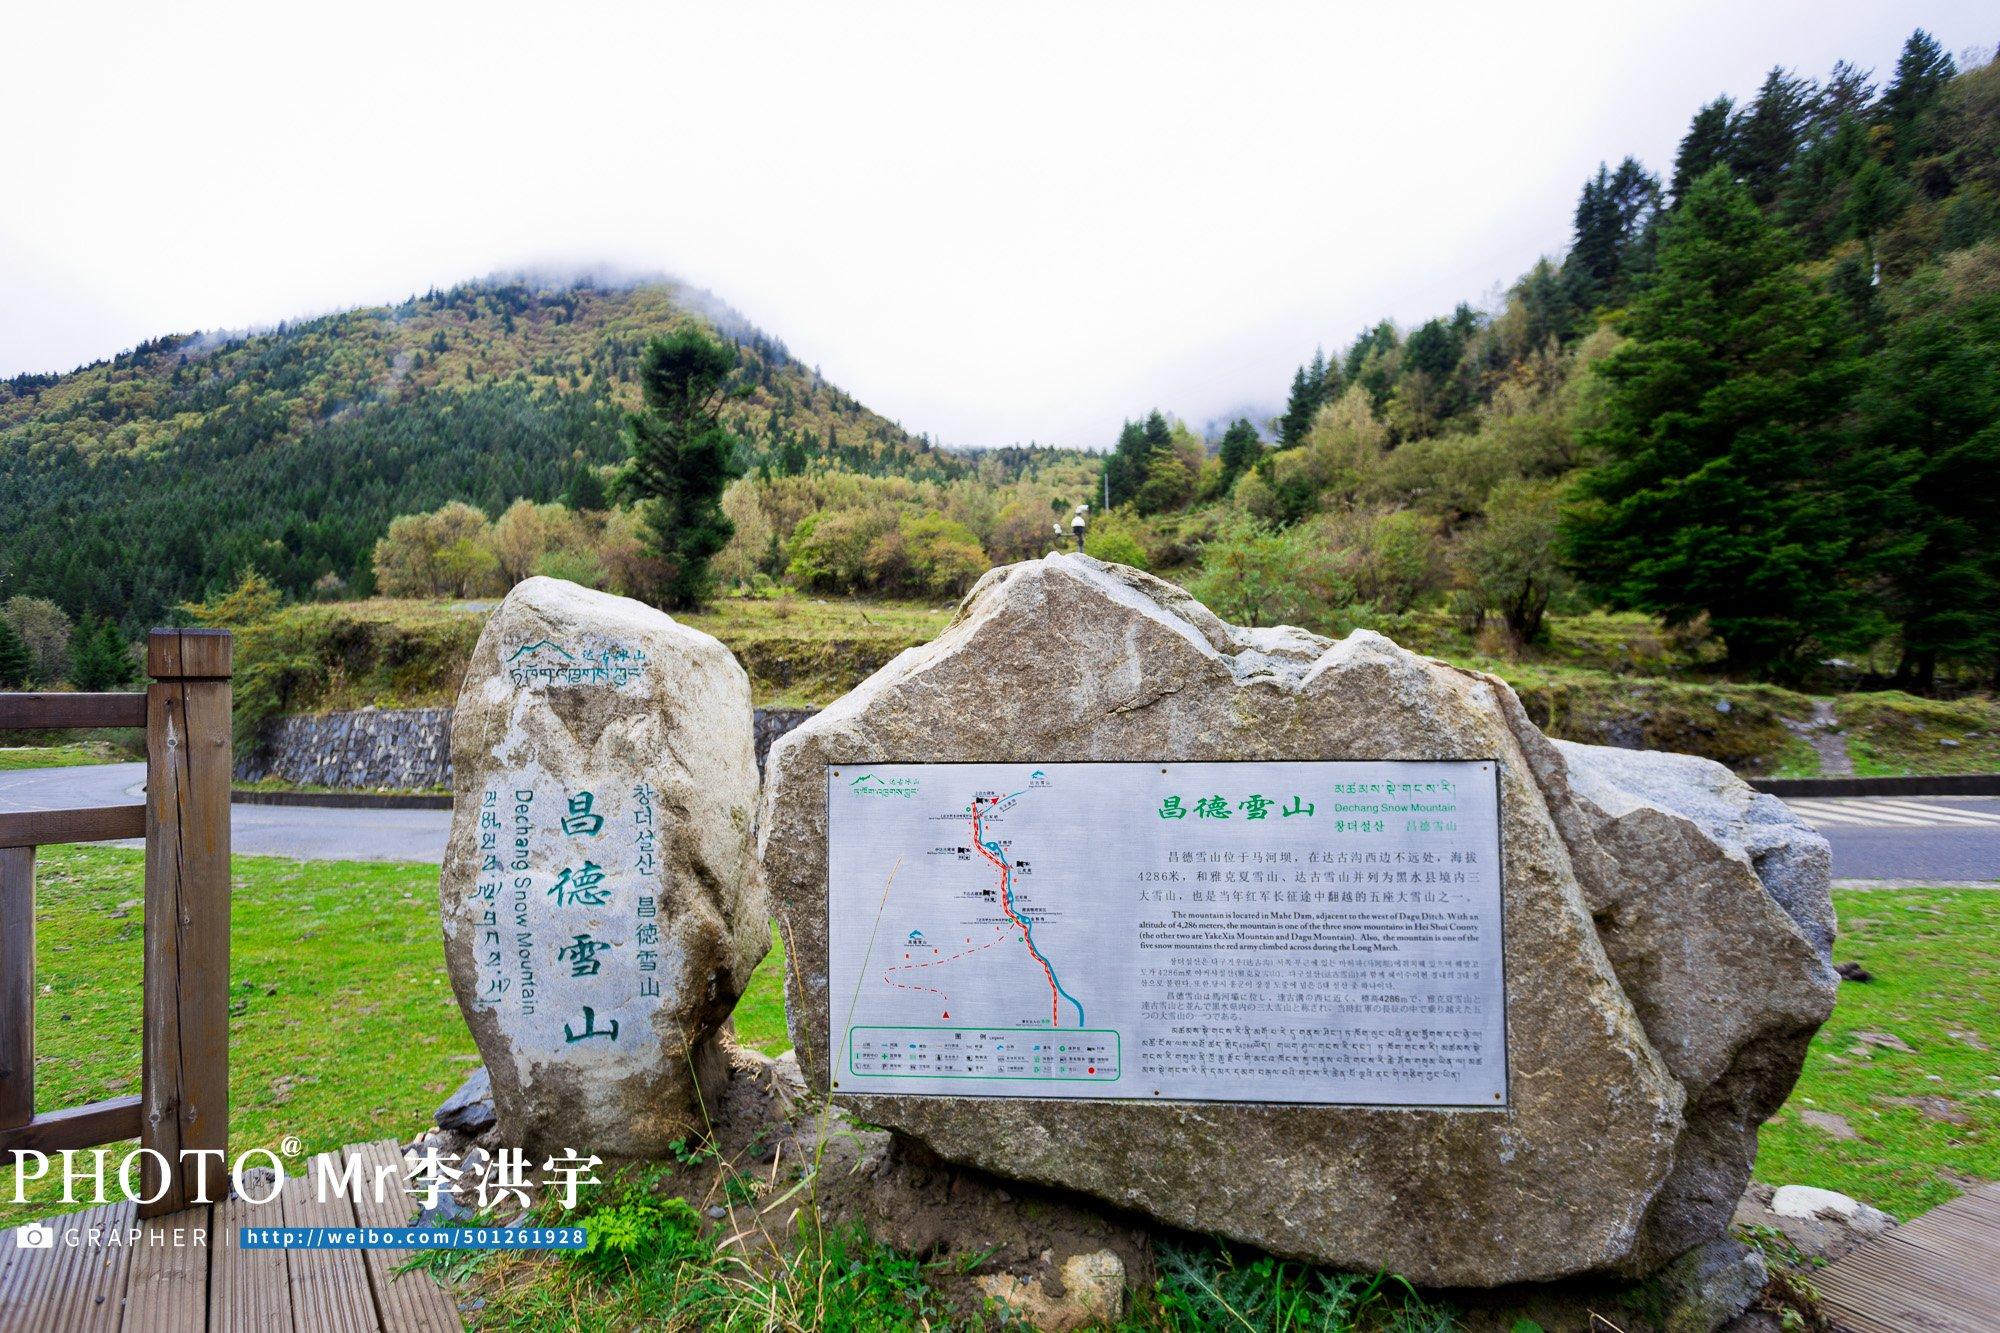 2018达古冰山古道公园游玩地质,沿途的自然风西京攻略v冰山攻略图片